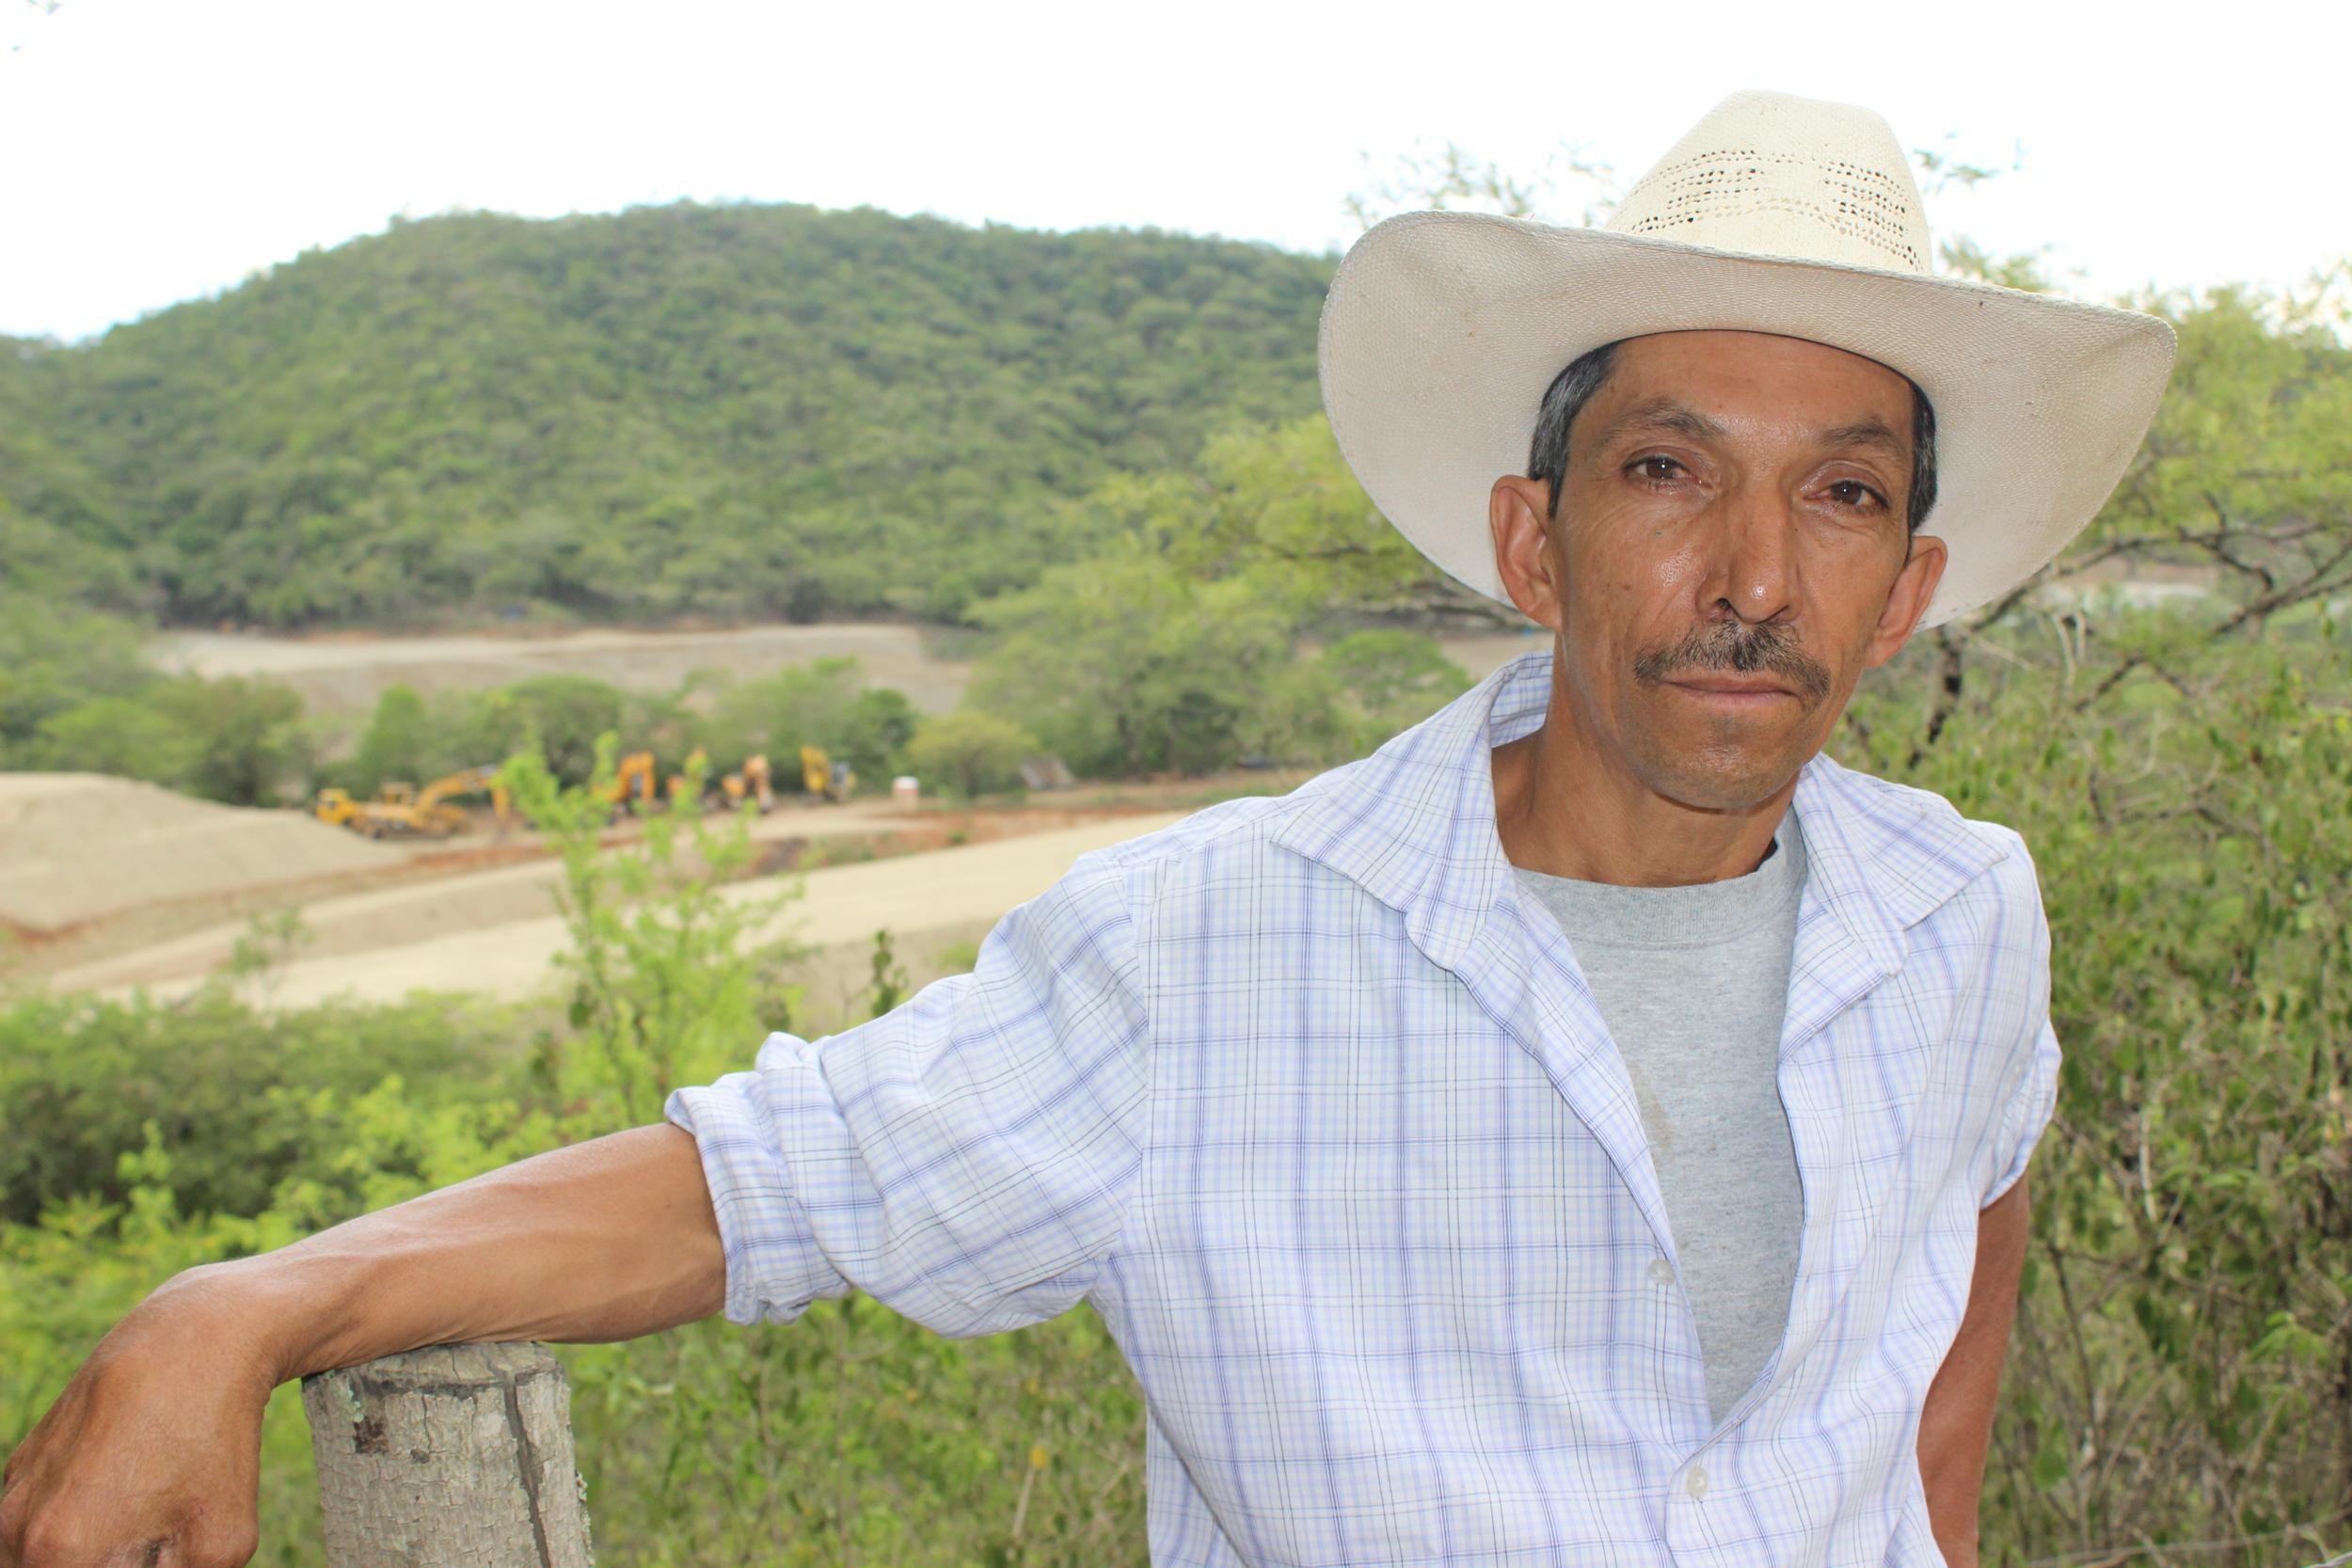 Eusebio, miembro activo de la resistencia pacífica de La Puya y la maquinaria de construcción en la mina. Eusebio, a long-standing member of the peaceful resistance, overlooking the construction machinery at the mine.